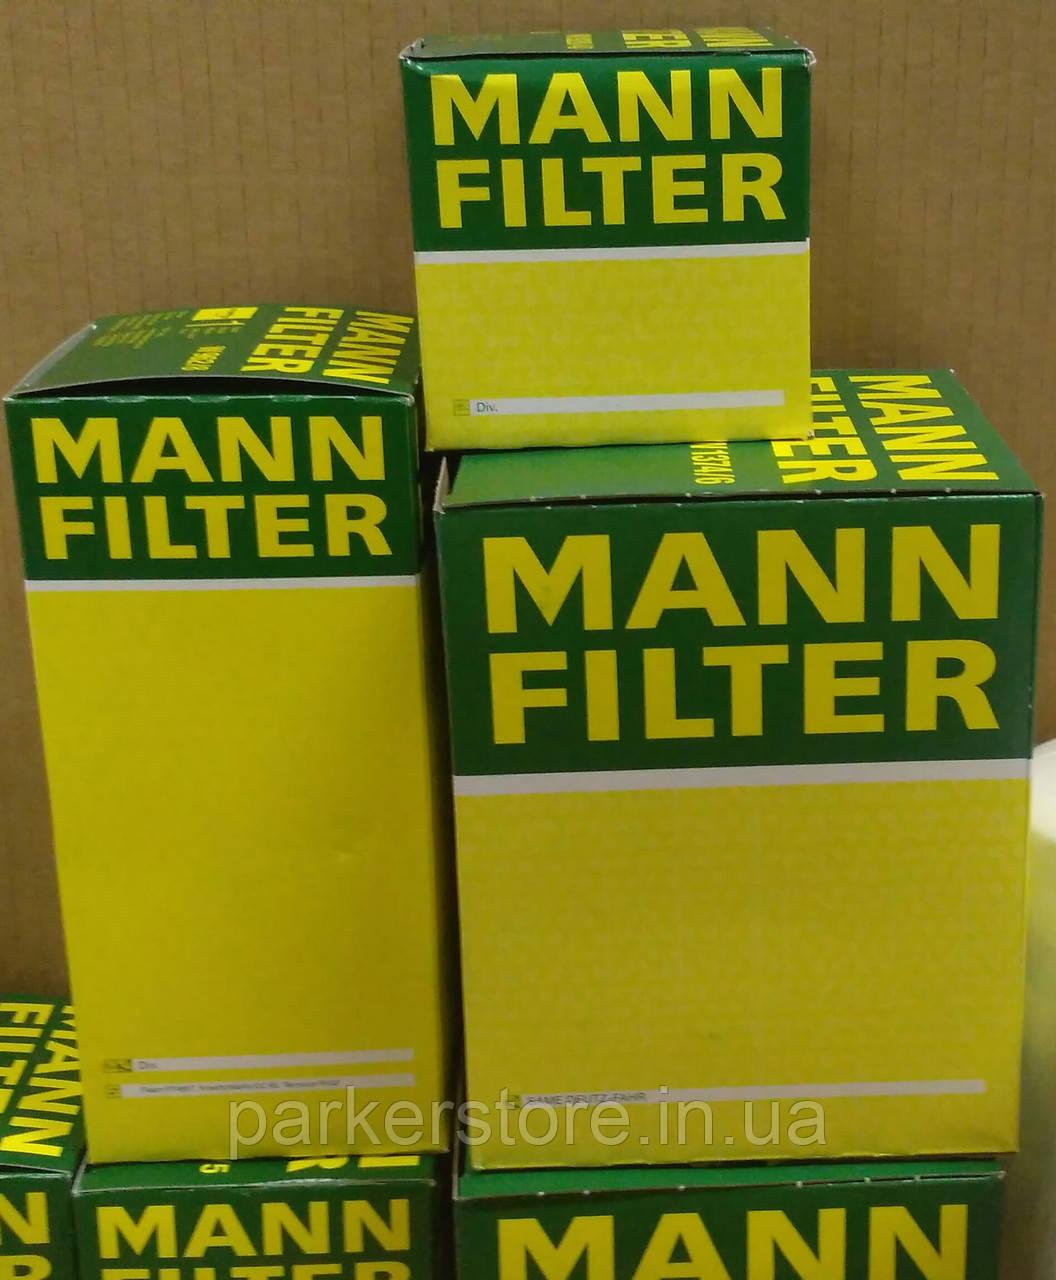 MANN FILTER / Повітряний фільтр / C 31 152/1 / C31152/1